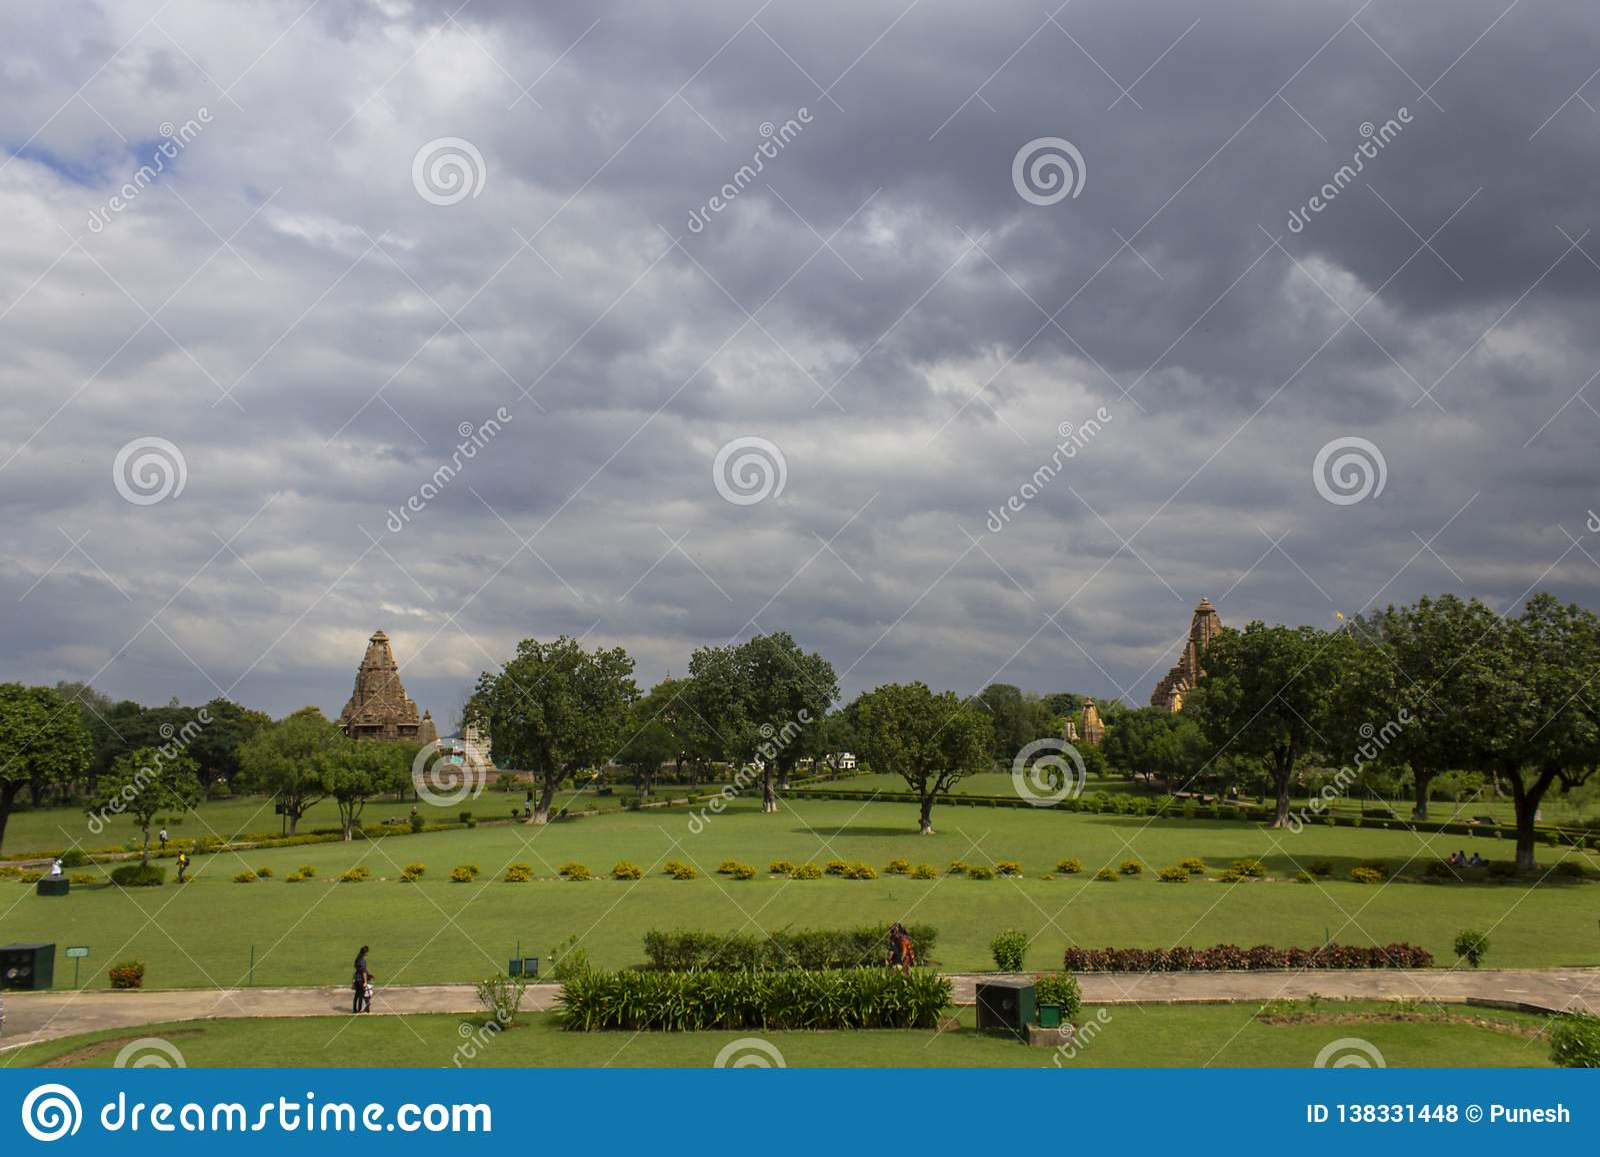 Δυτική ομάδα ναών, Khajuraho, Madhya Pradesh, Ινδία